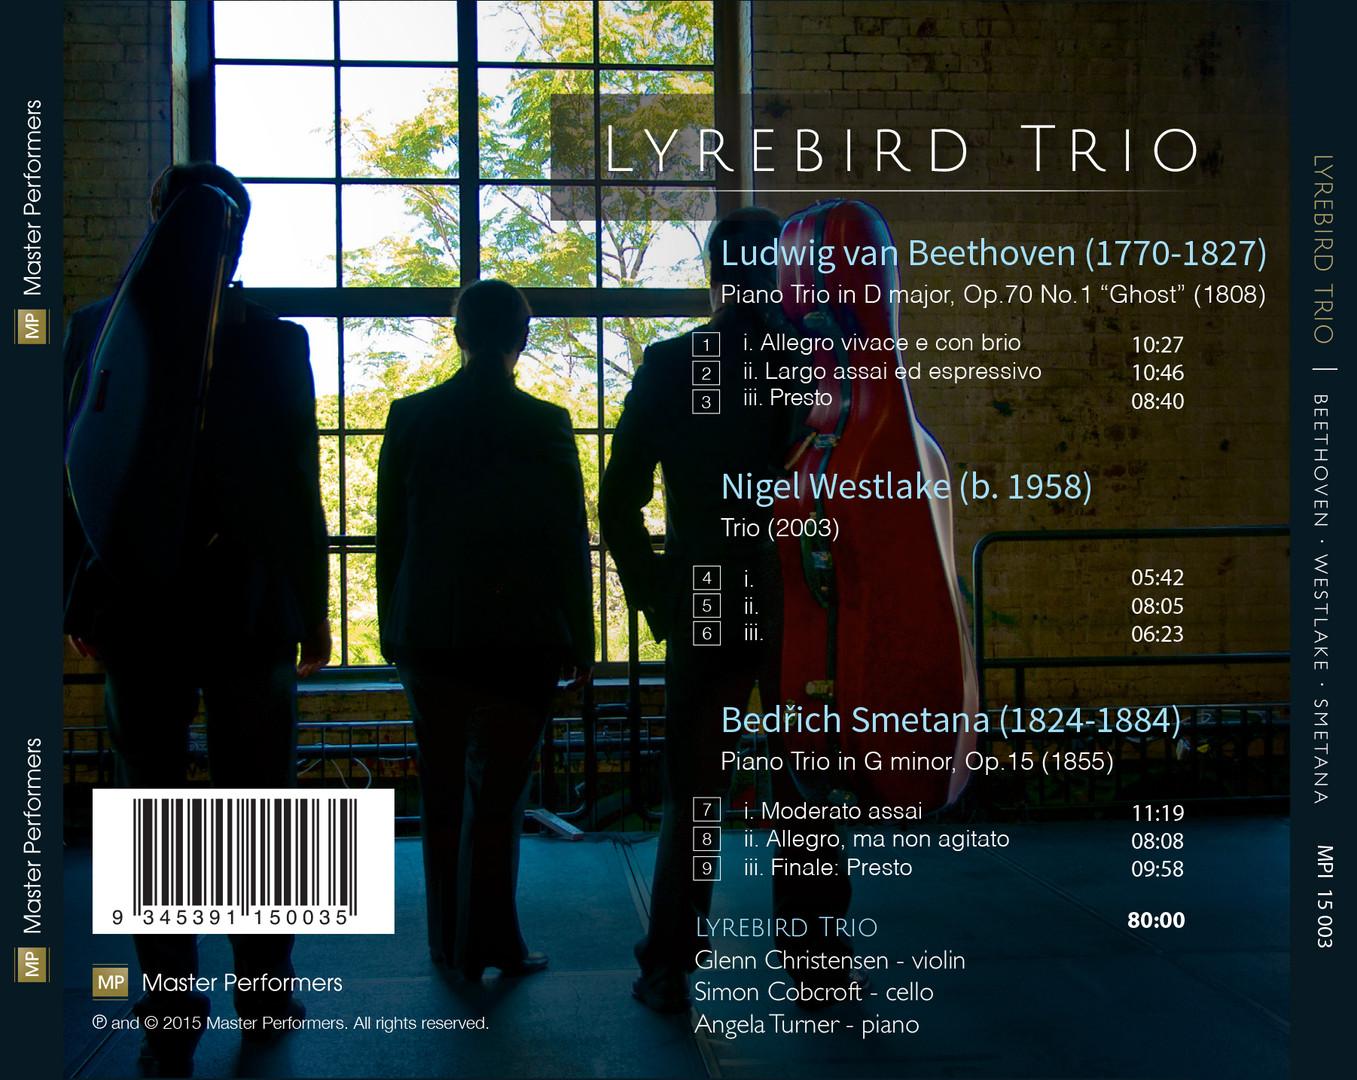 Lyrebird Trio Beethoven Westlake Smetana CD Tray